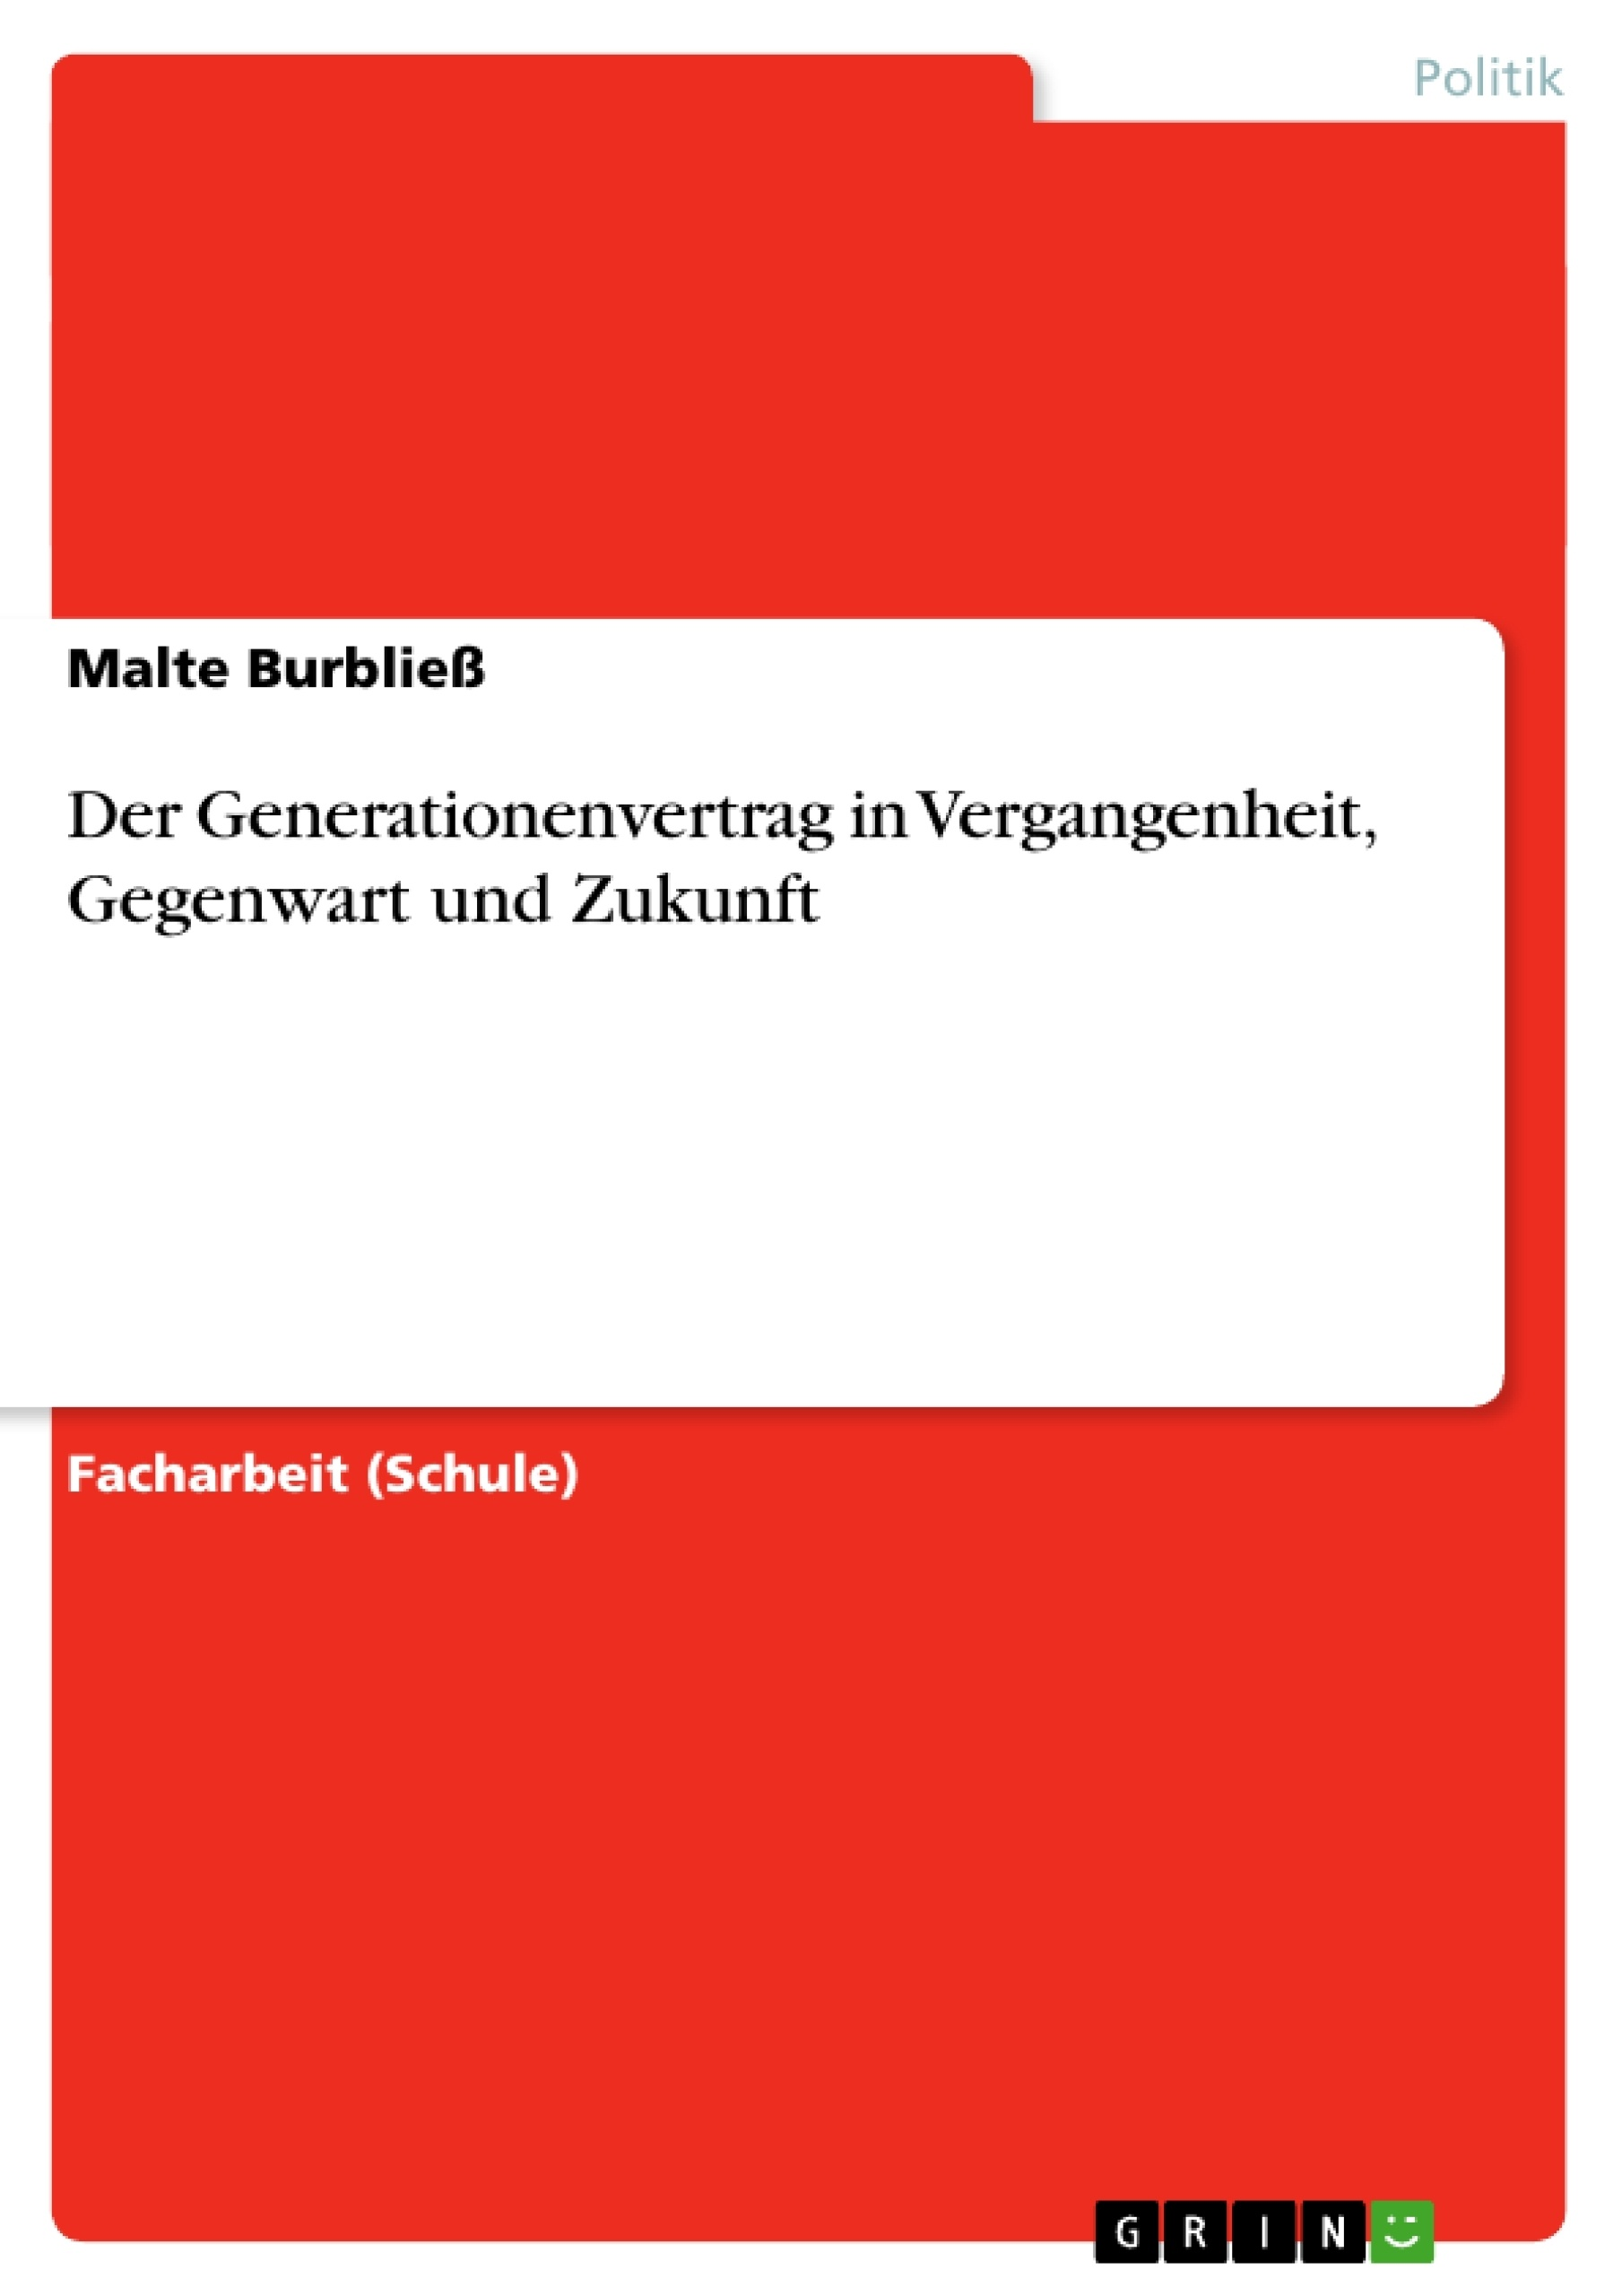 Titel: Der Generationenvertrag in Vergangenheit, Gegenwart und Zukunft